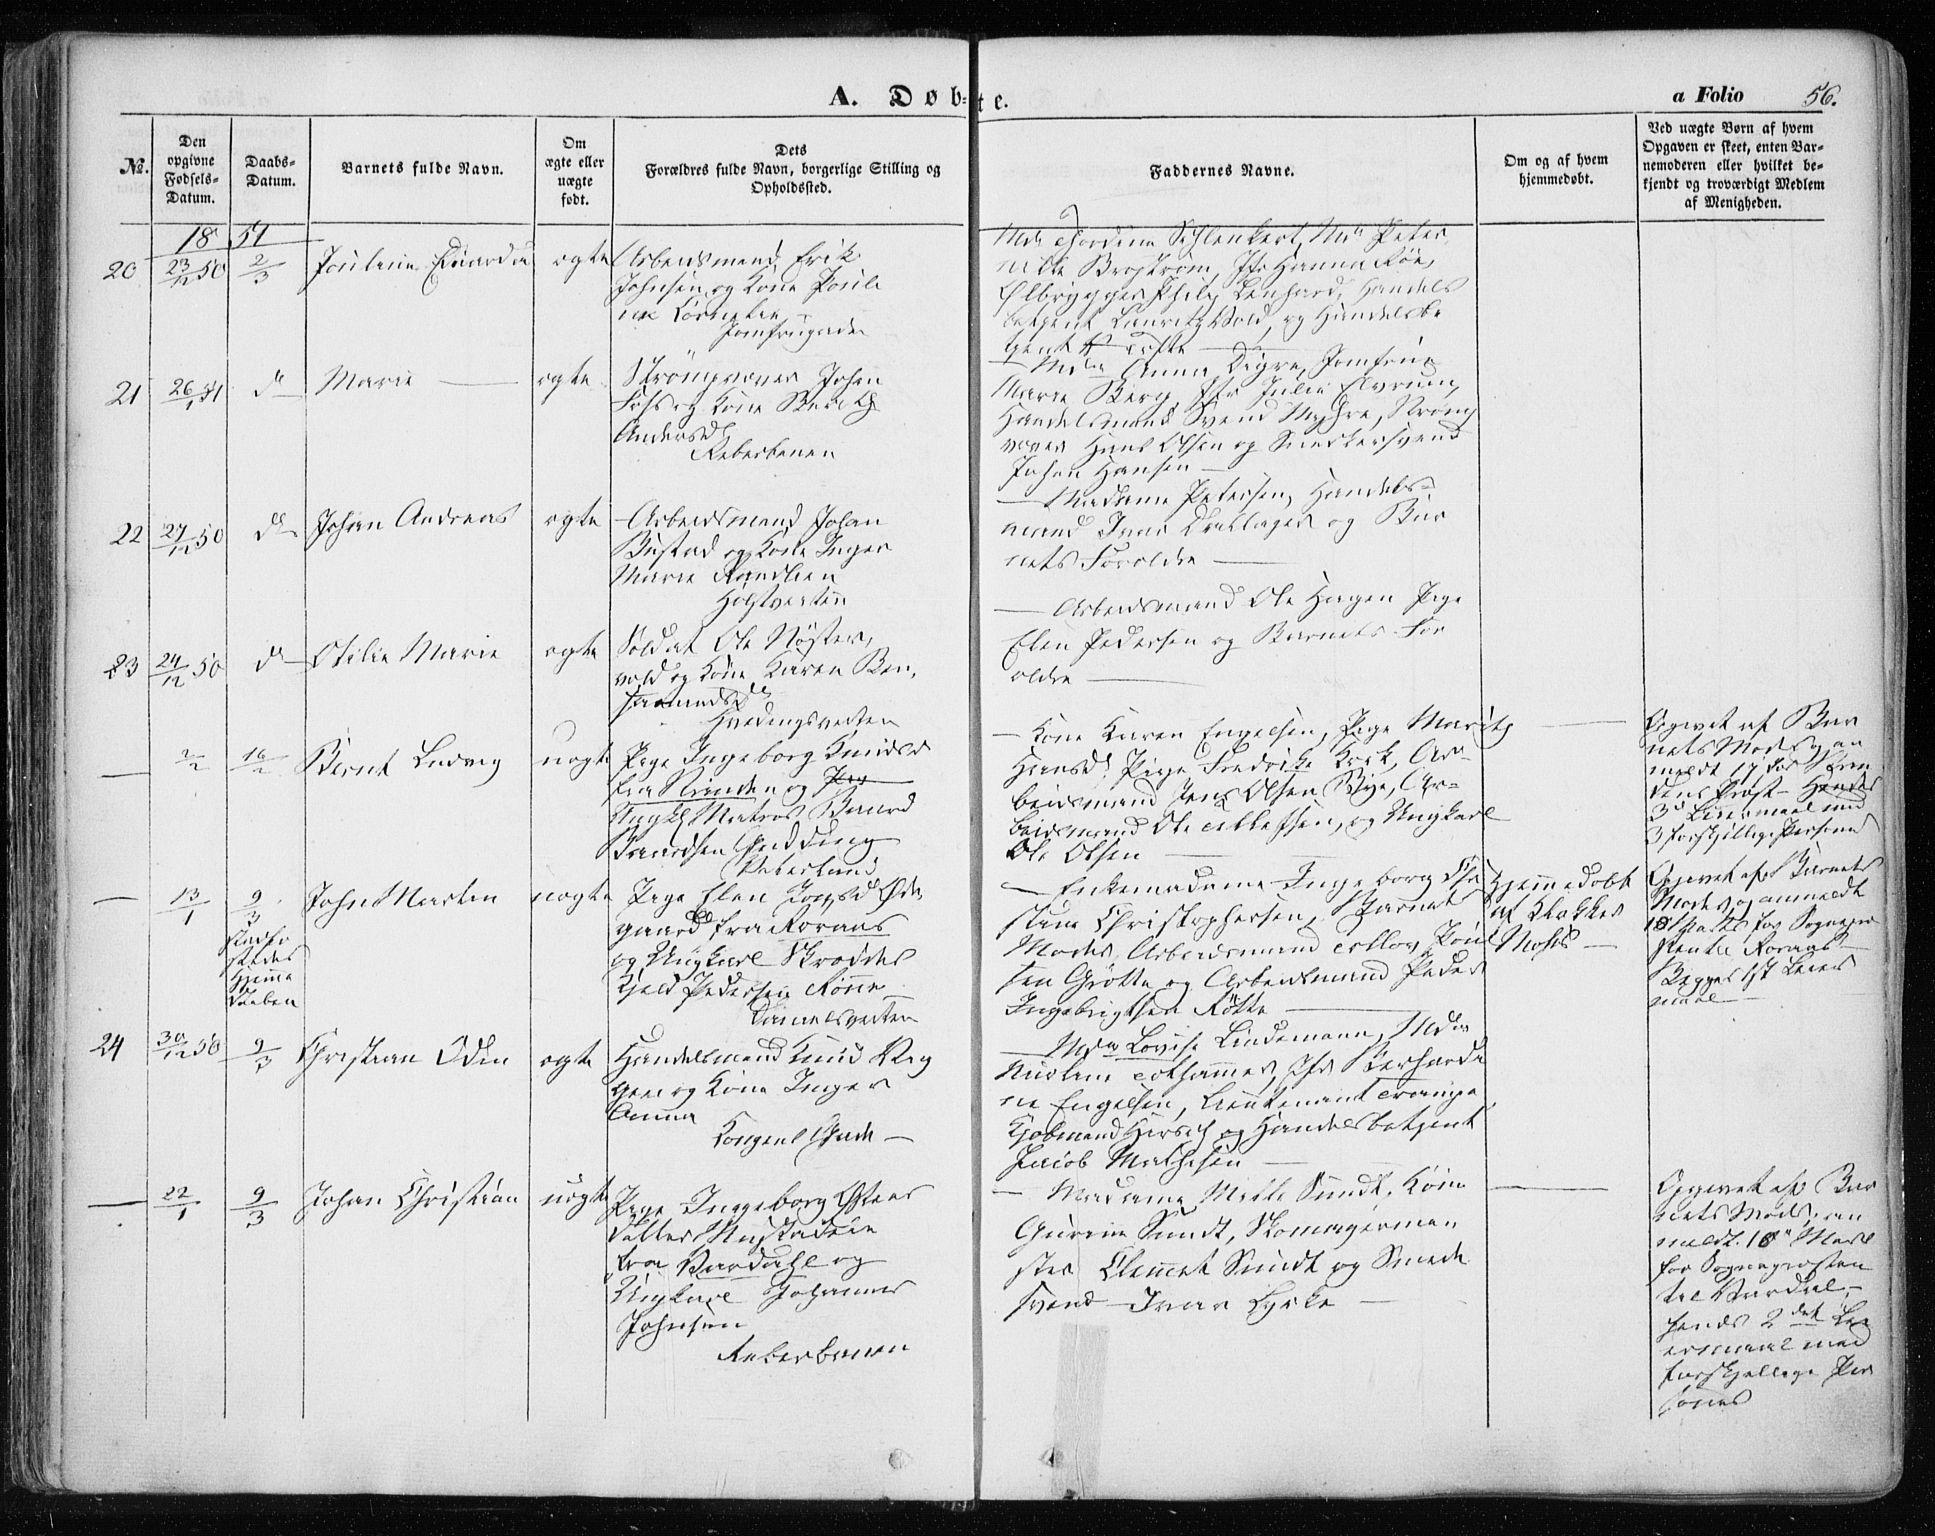 SAT, Ministerialprotokoller, klokkerbøker og fødselsregistre - Sør-Trøndelag, 601/L0051: Ministerialbok nr. 601A19, 1848-1857, s. 56